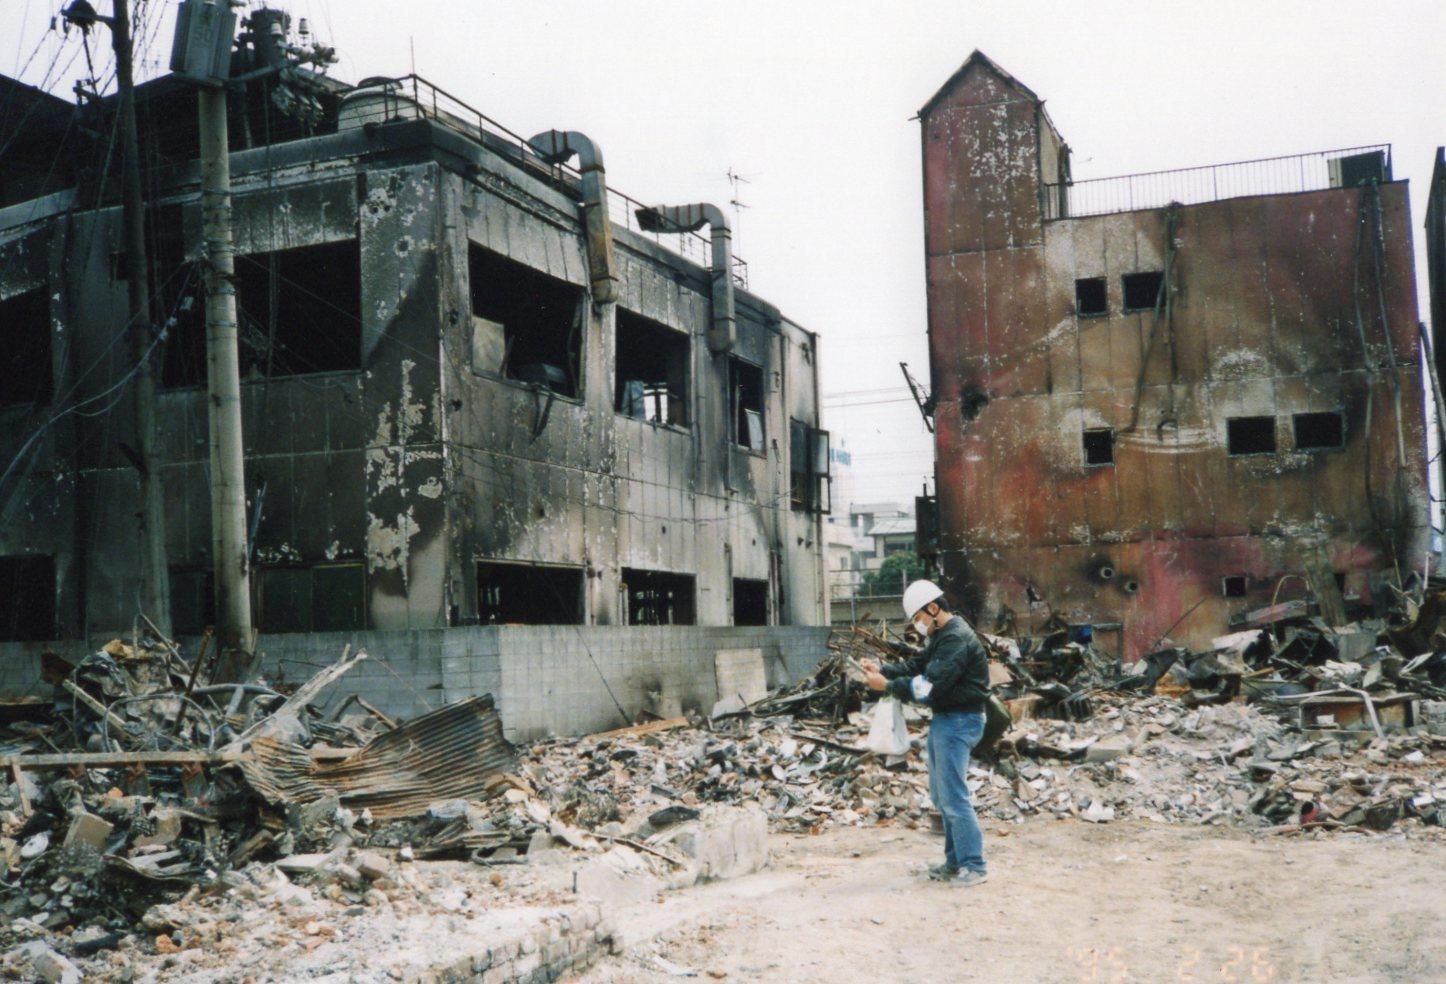 25年前、わけわかっていないのにボランティアに行った私に(阪神大震災)_c0001670_20555029.jpg